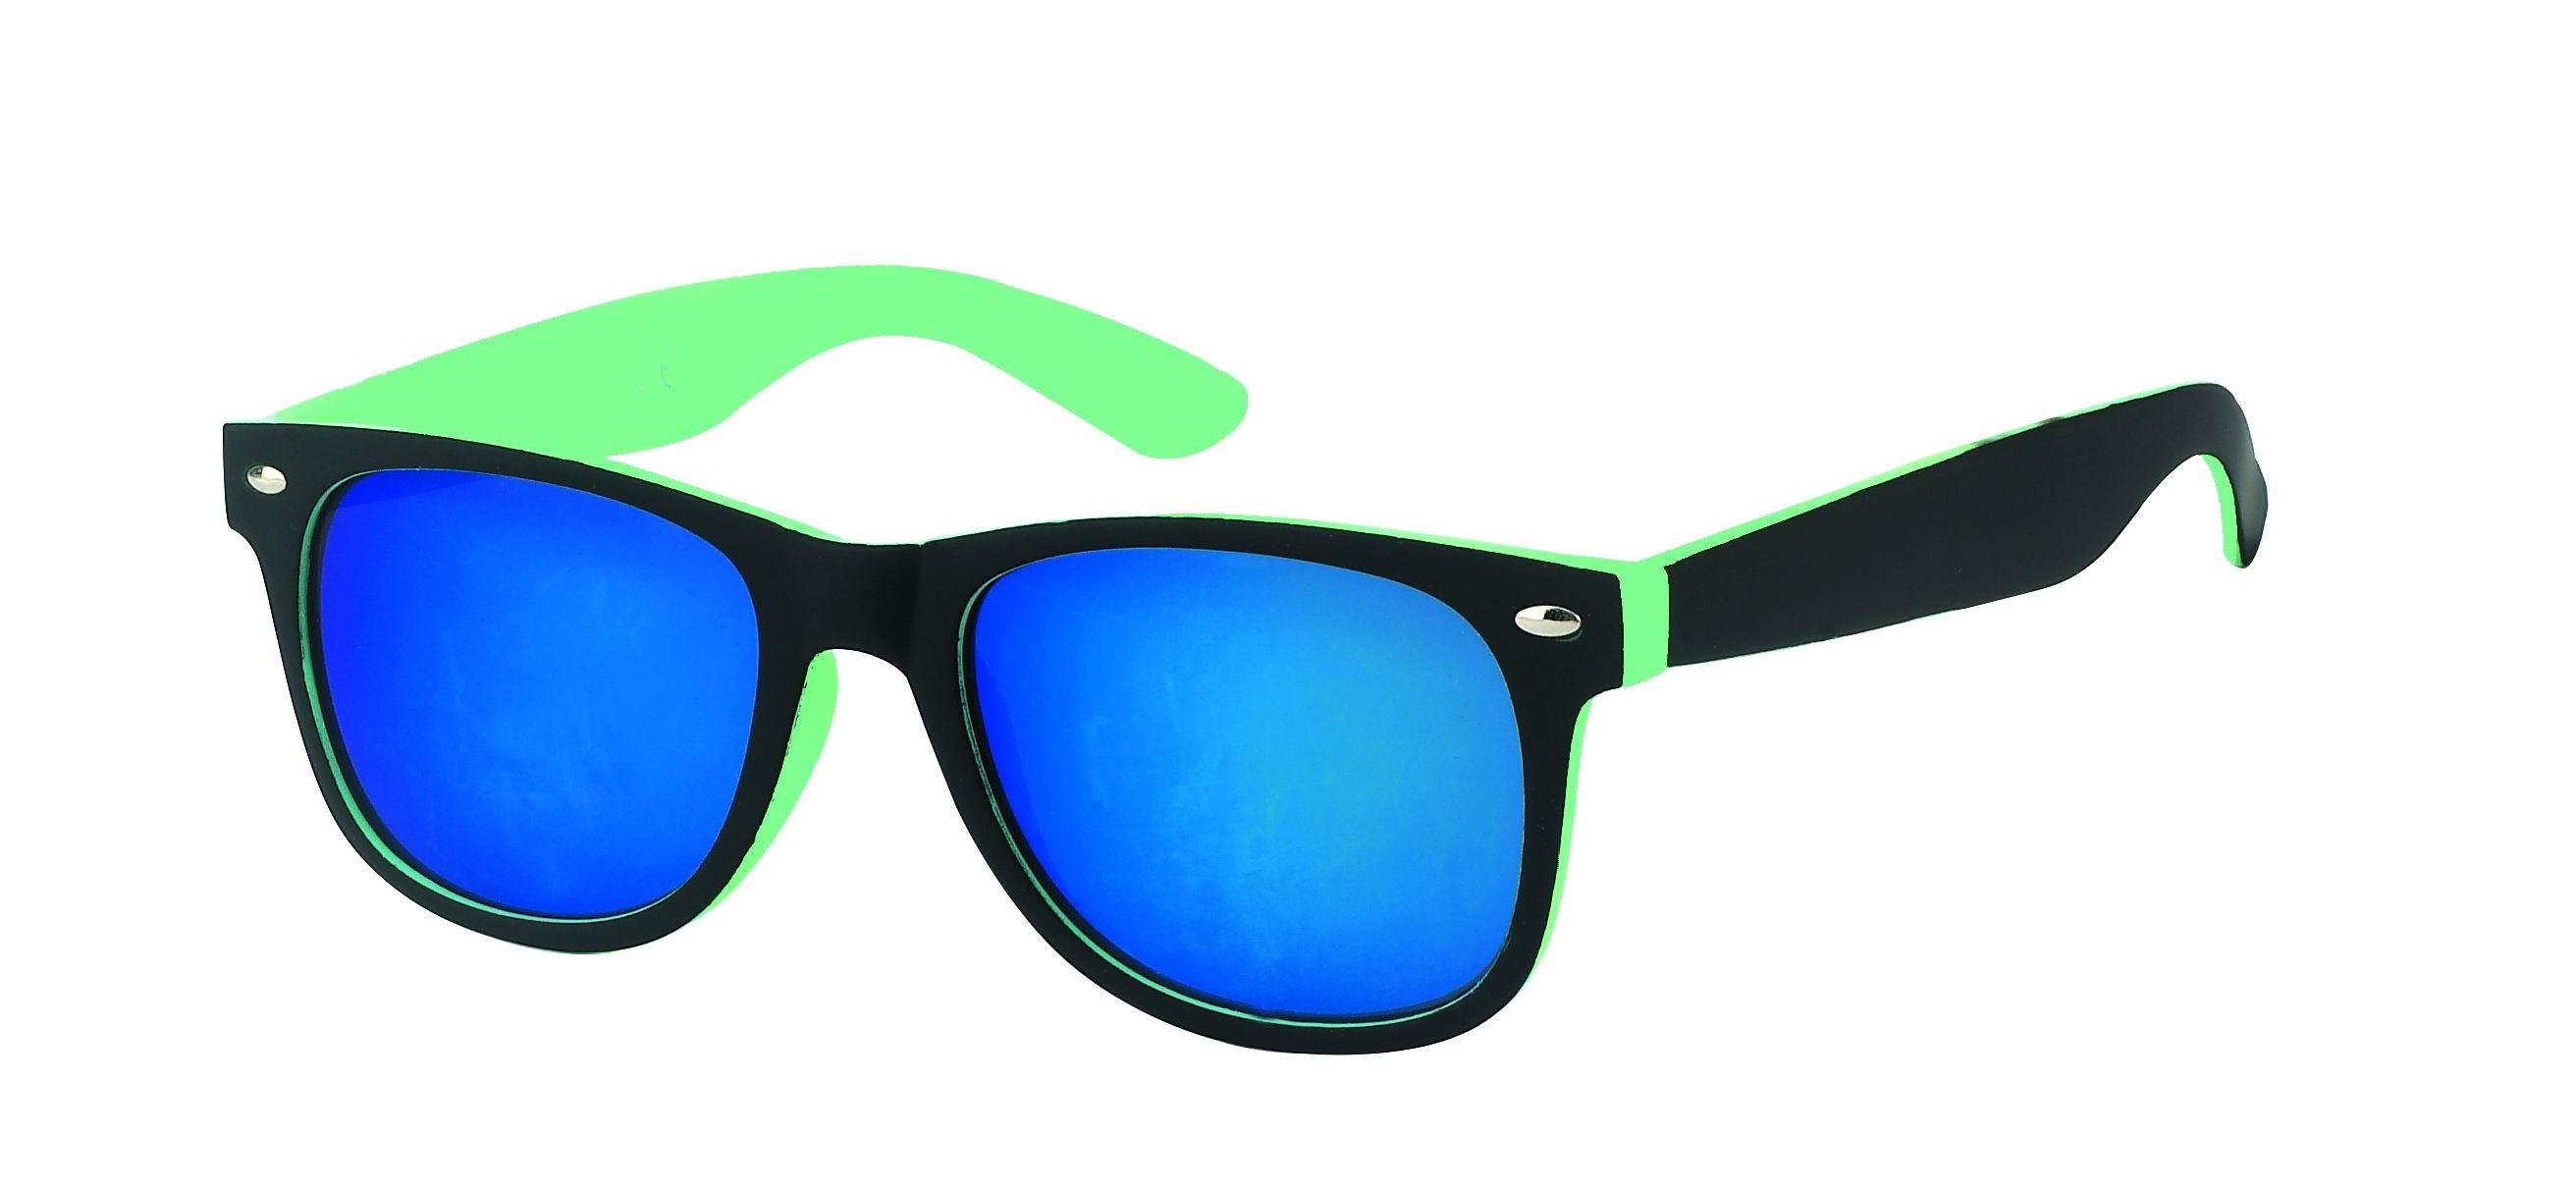 sonnenbrille verspiegelt schmal 400 uv nerdbrille schwarz. Black Bedroom Furniture Sets. Home Design Ideas